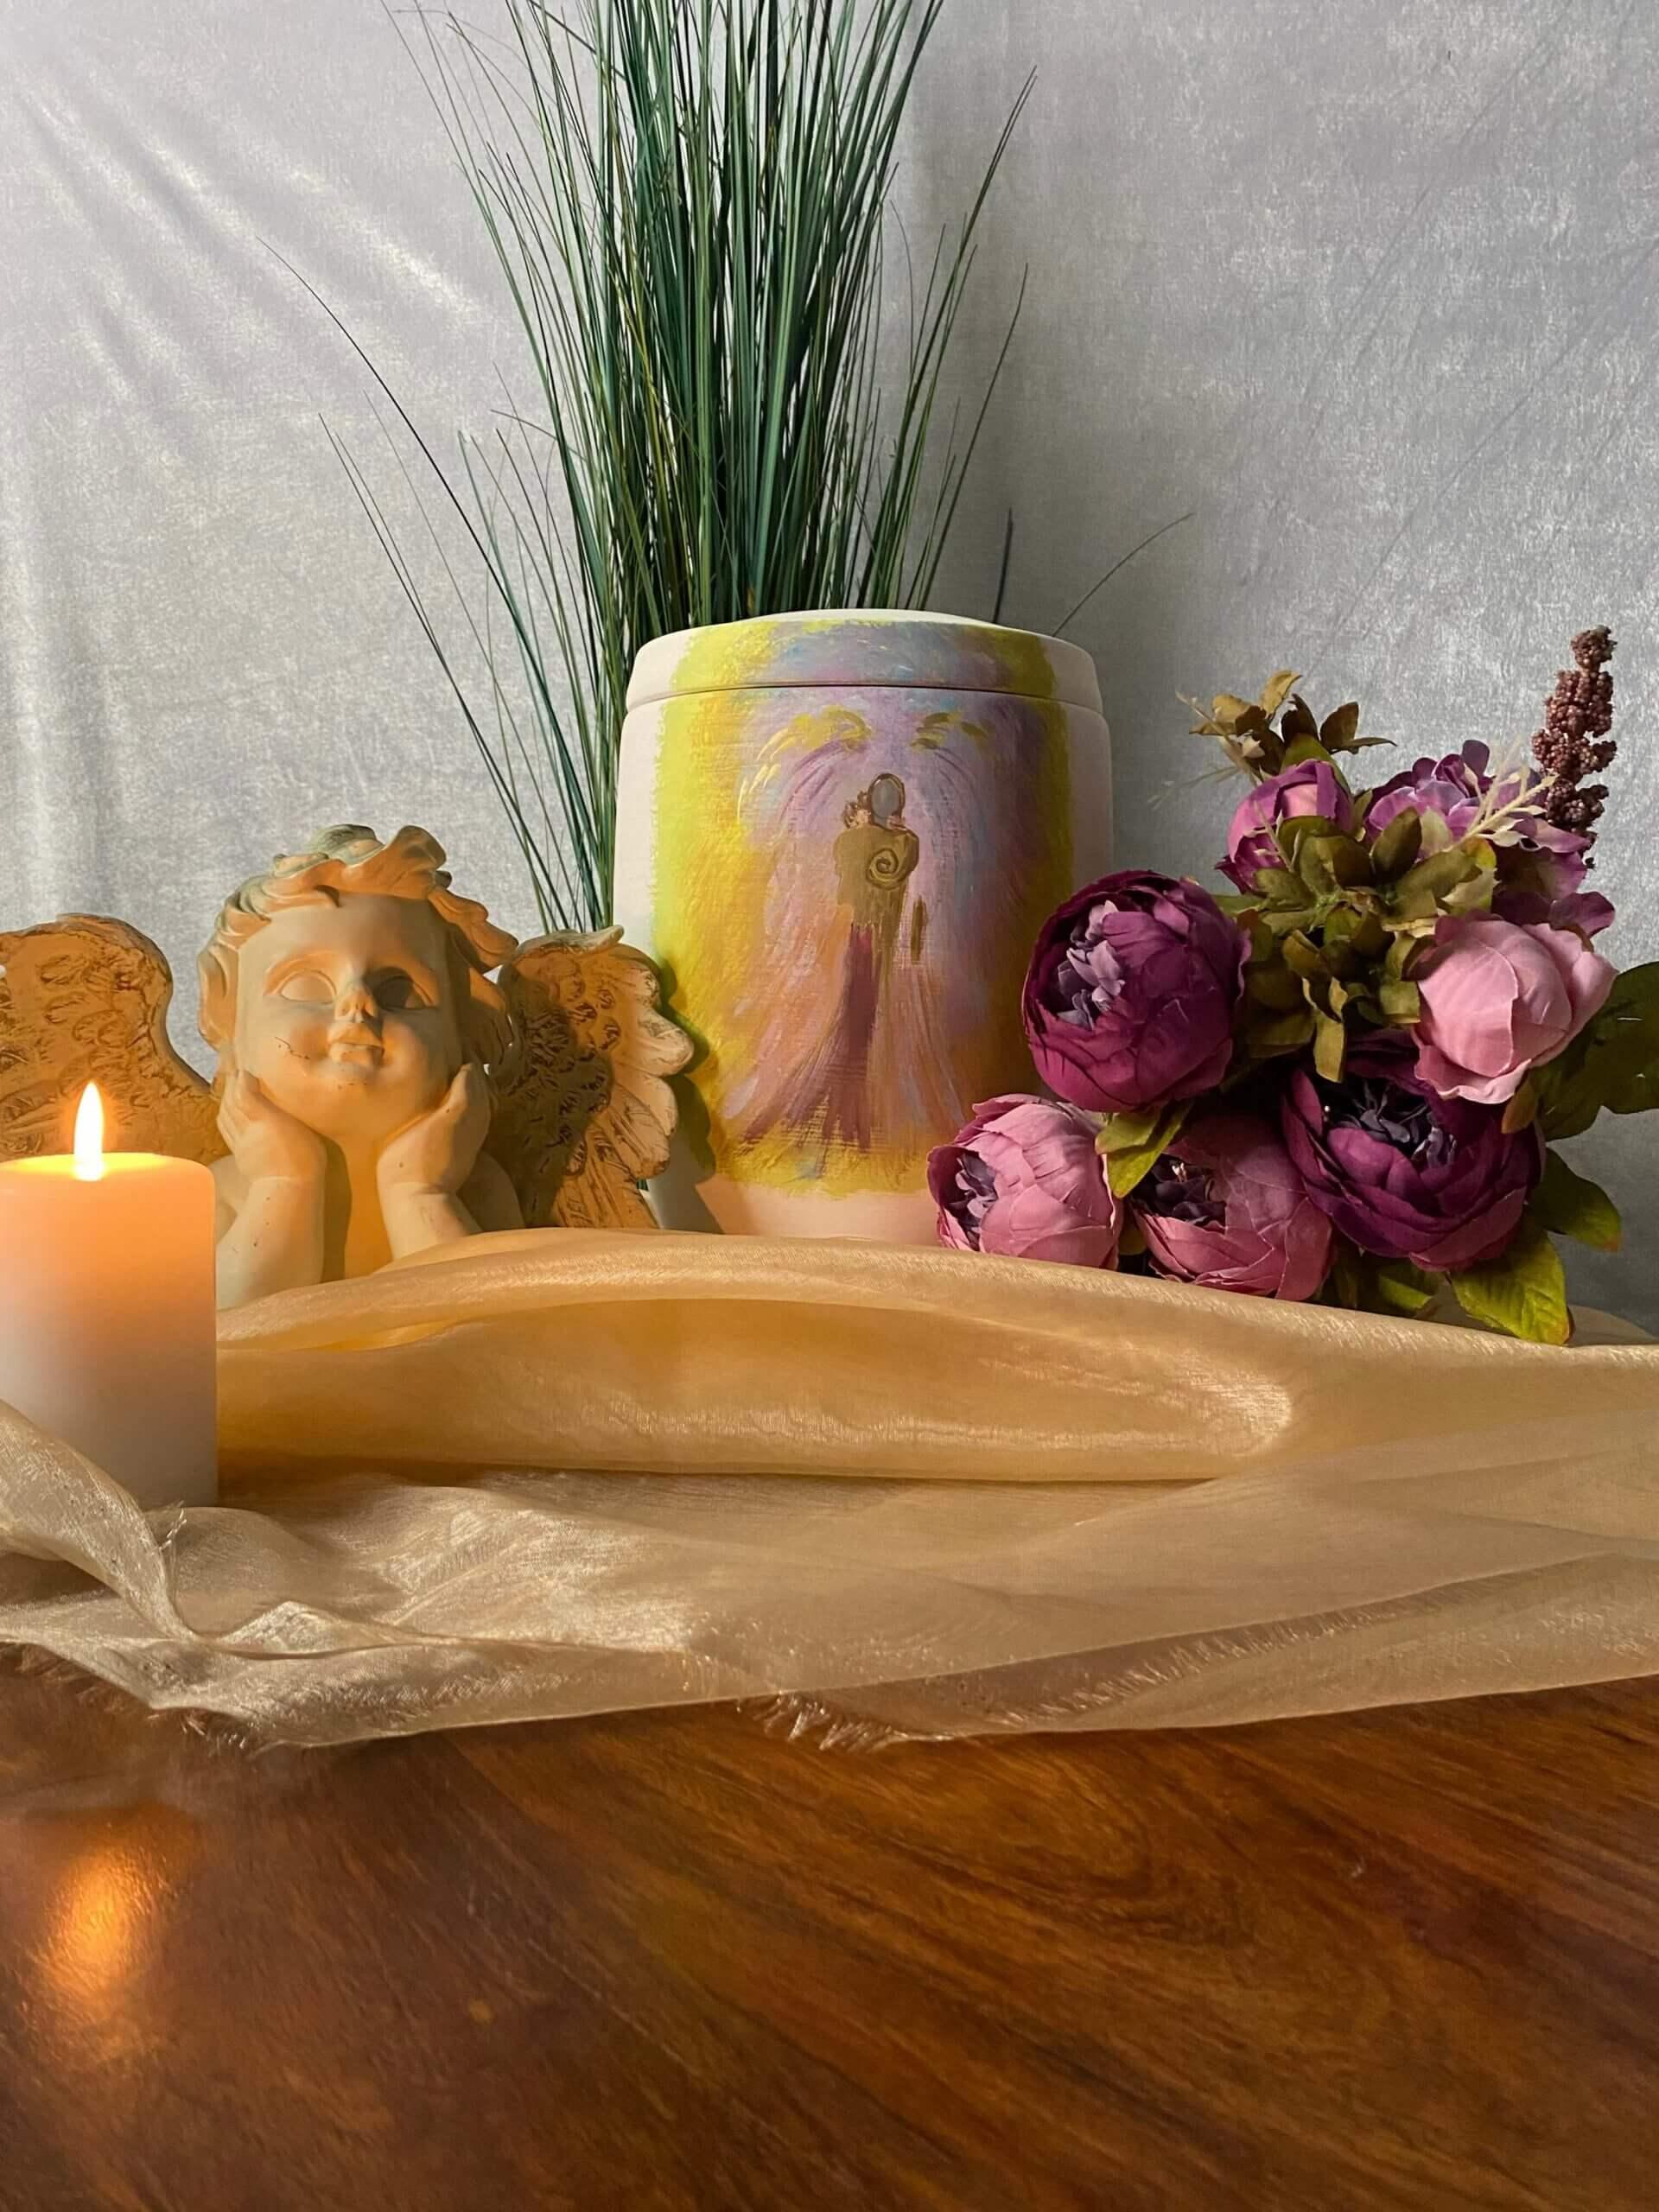 Bunte Urne mit Engelsfigur hinter Kerzenlicht